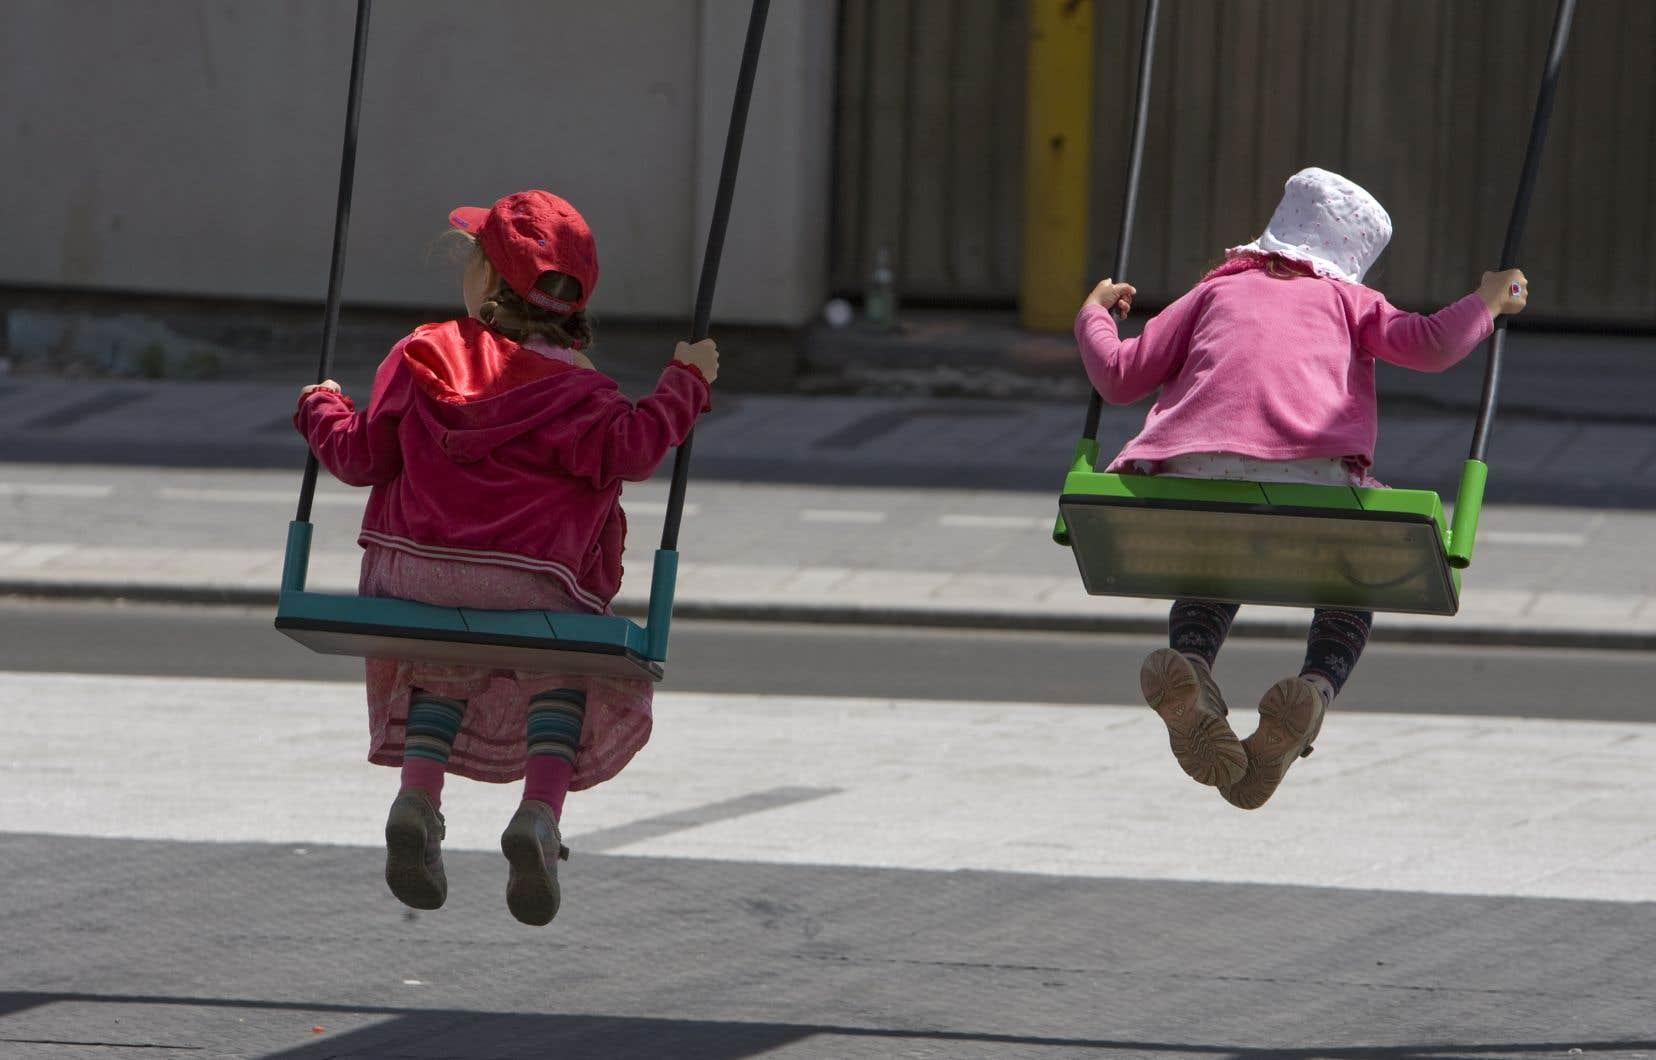 «Plusieurs migrants ont des enfants vivant sur le territoire québécois, qui ne sont pas considérés comme étant domiciliés ou résidents au Québec en raison de leur statut d'immigration», notent les auteurs.